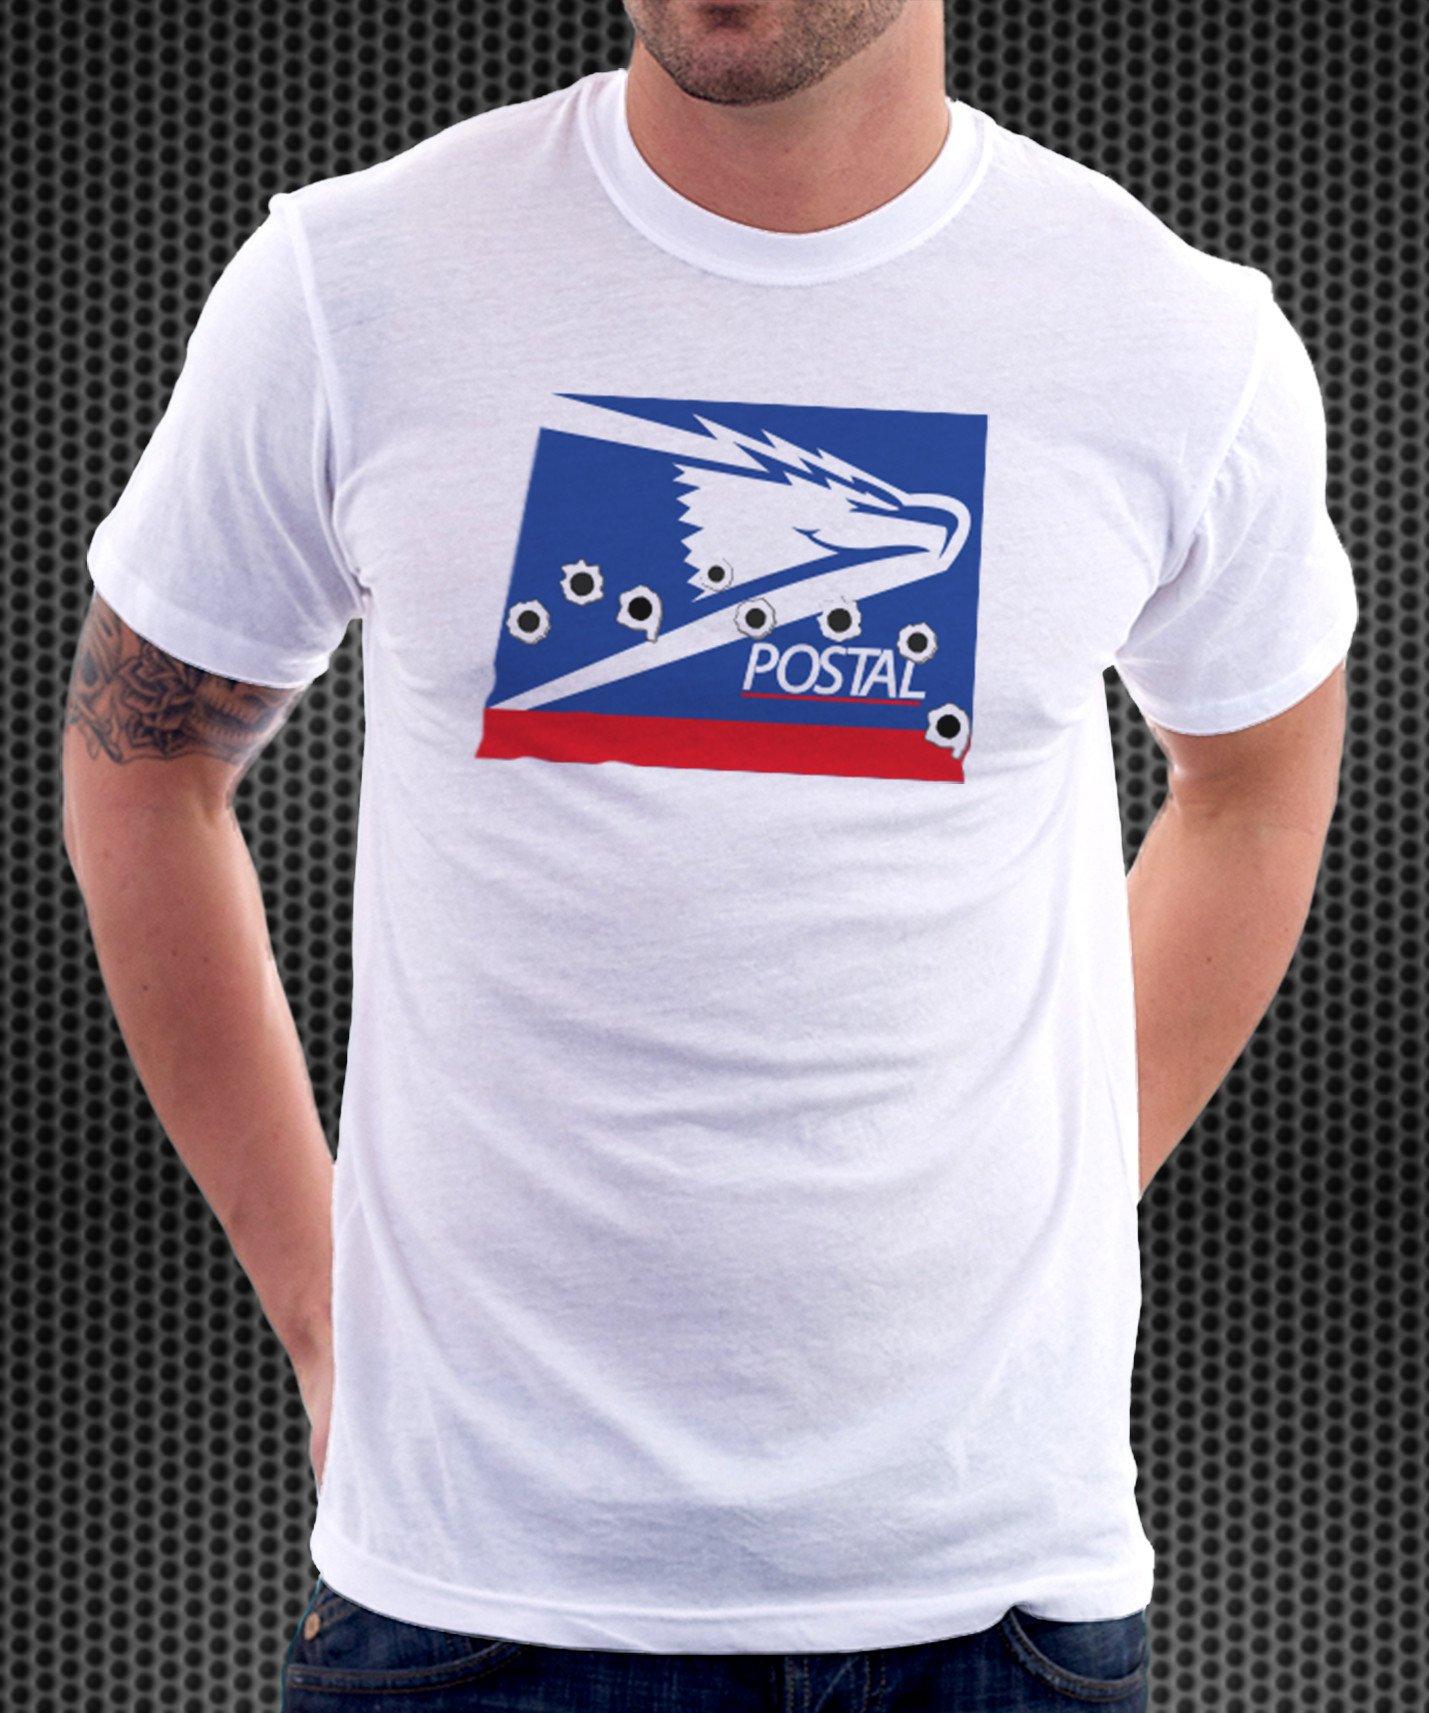 USPS US Postal Service Logo Parody Spoof Tshirt: Postal Logo White Colored  Tshirt.